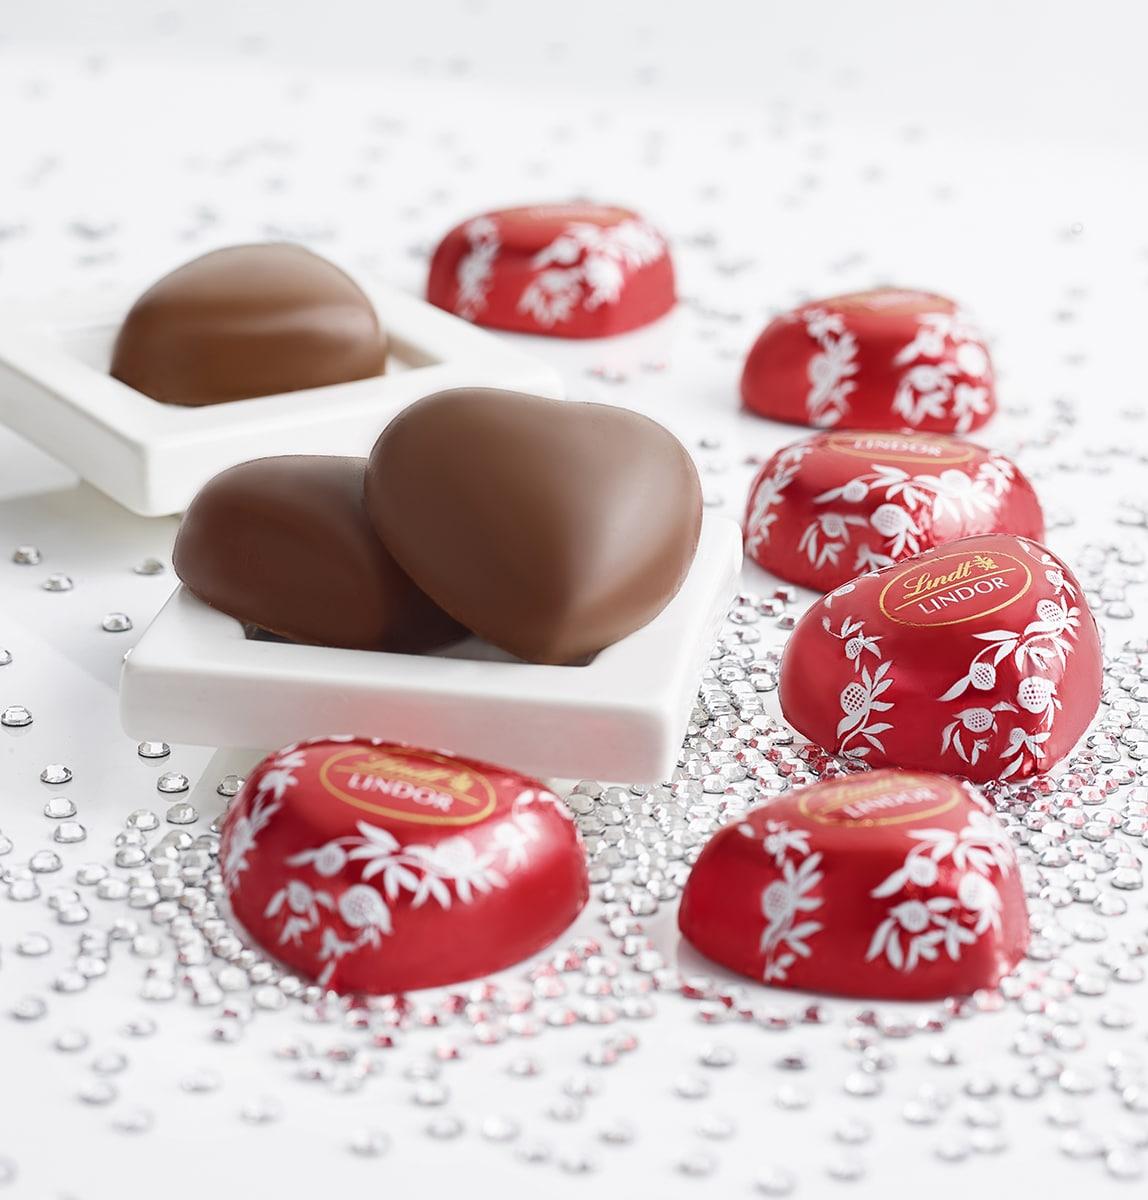 Lindt Lindor Cioccolato Latte Cuore Rosso Food Shot by Fotografando